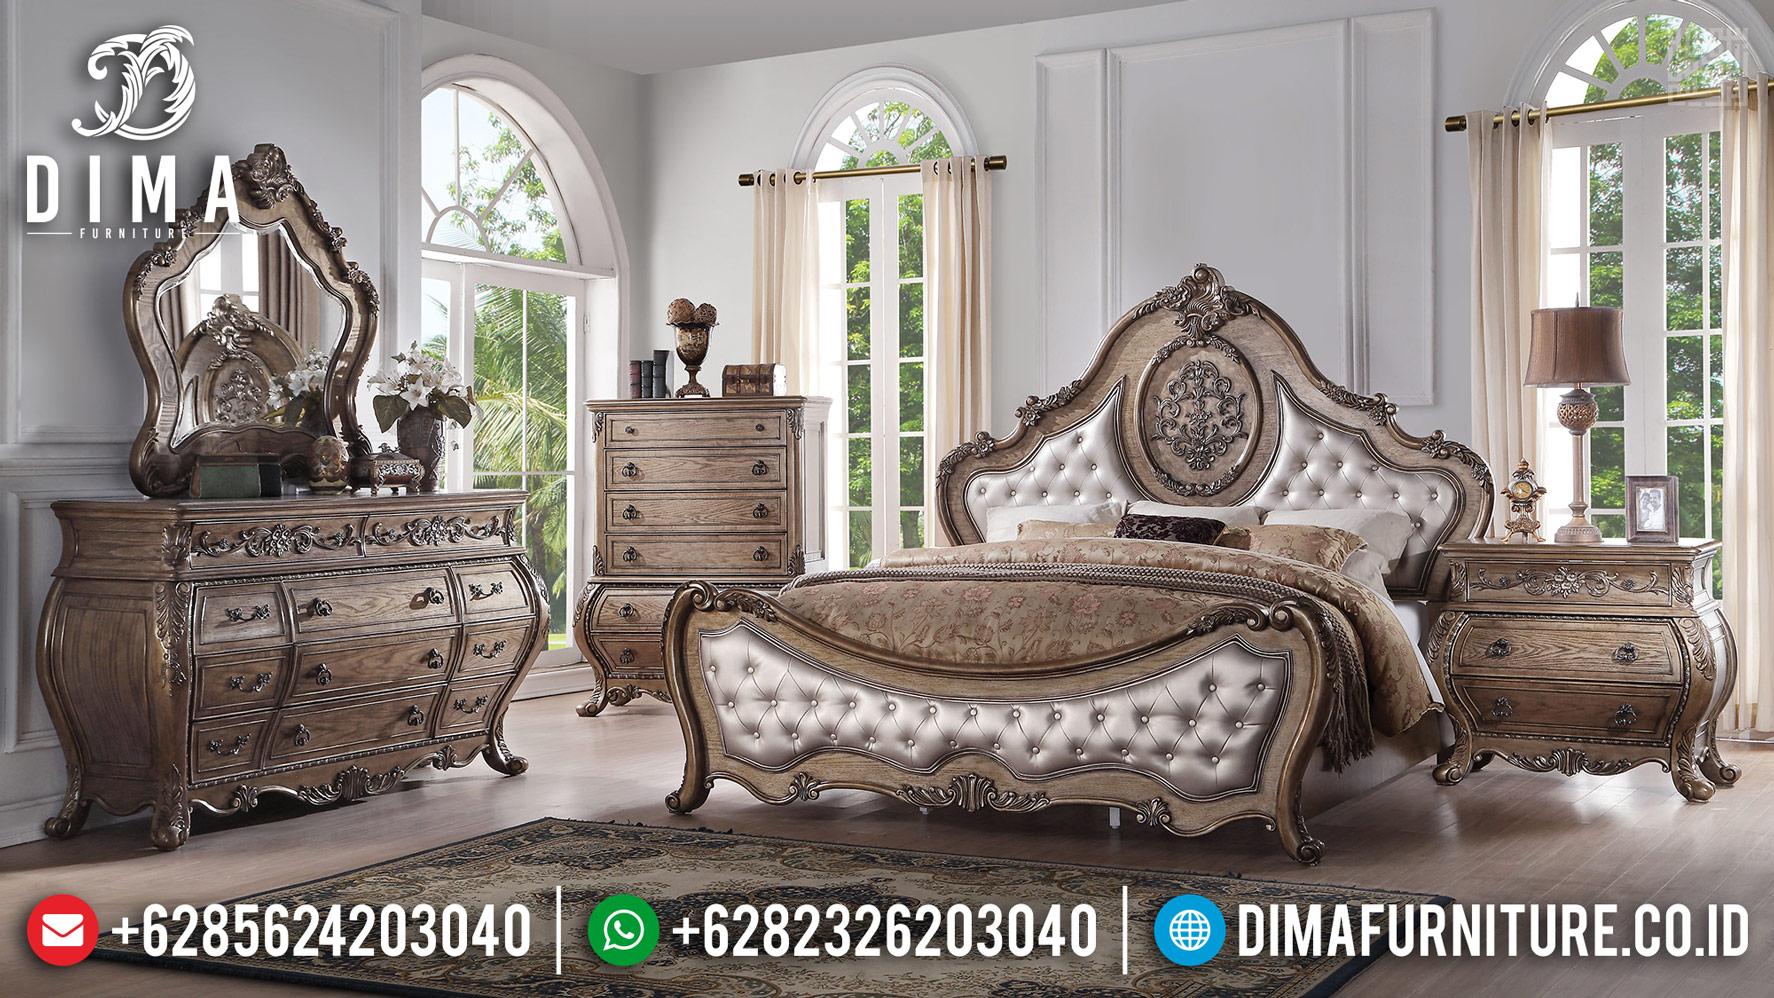 New Model Tempat Tidur Mewah Jepara Veneer Marquetry Carving Luxury TTJ-0435